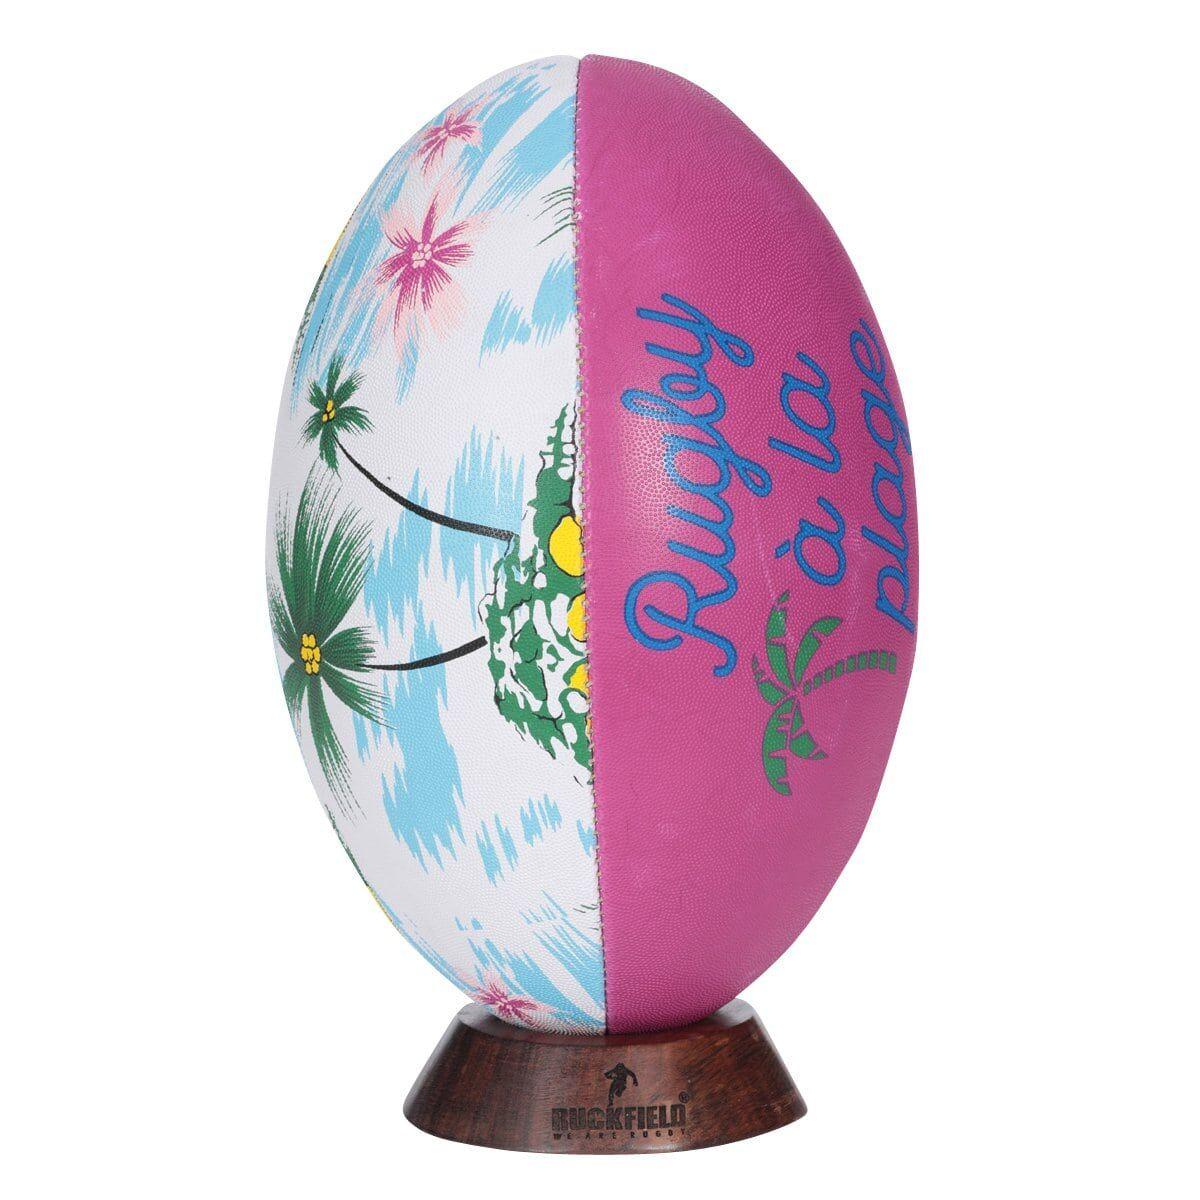 Ruckfield Ballon de Rugby Vacances à la Plage